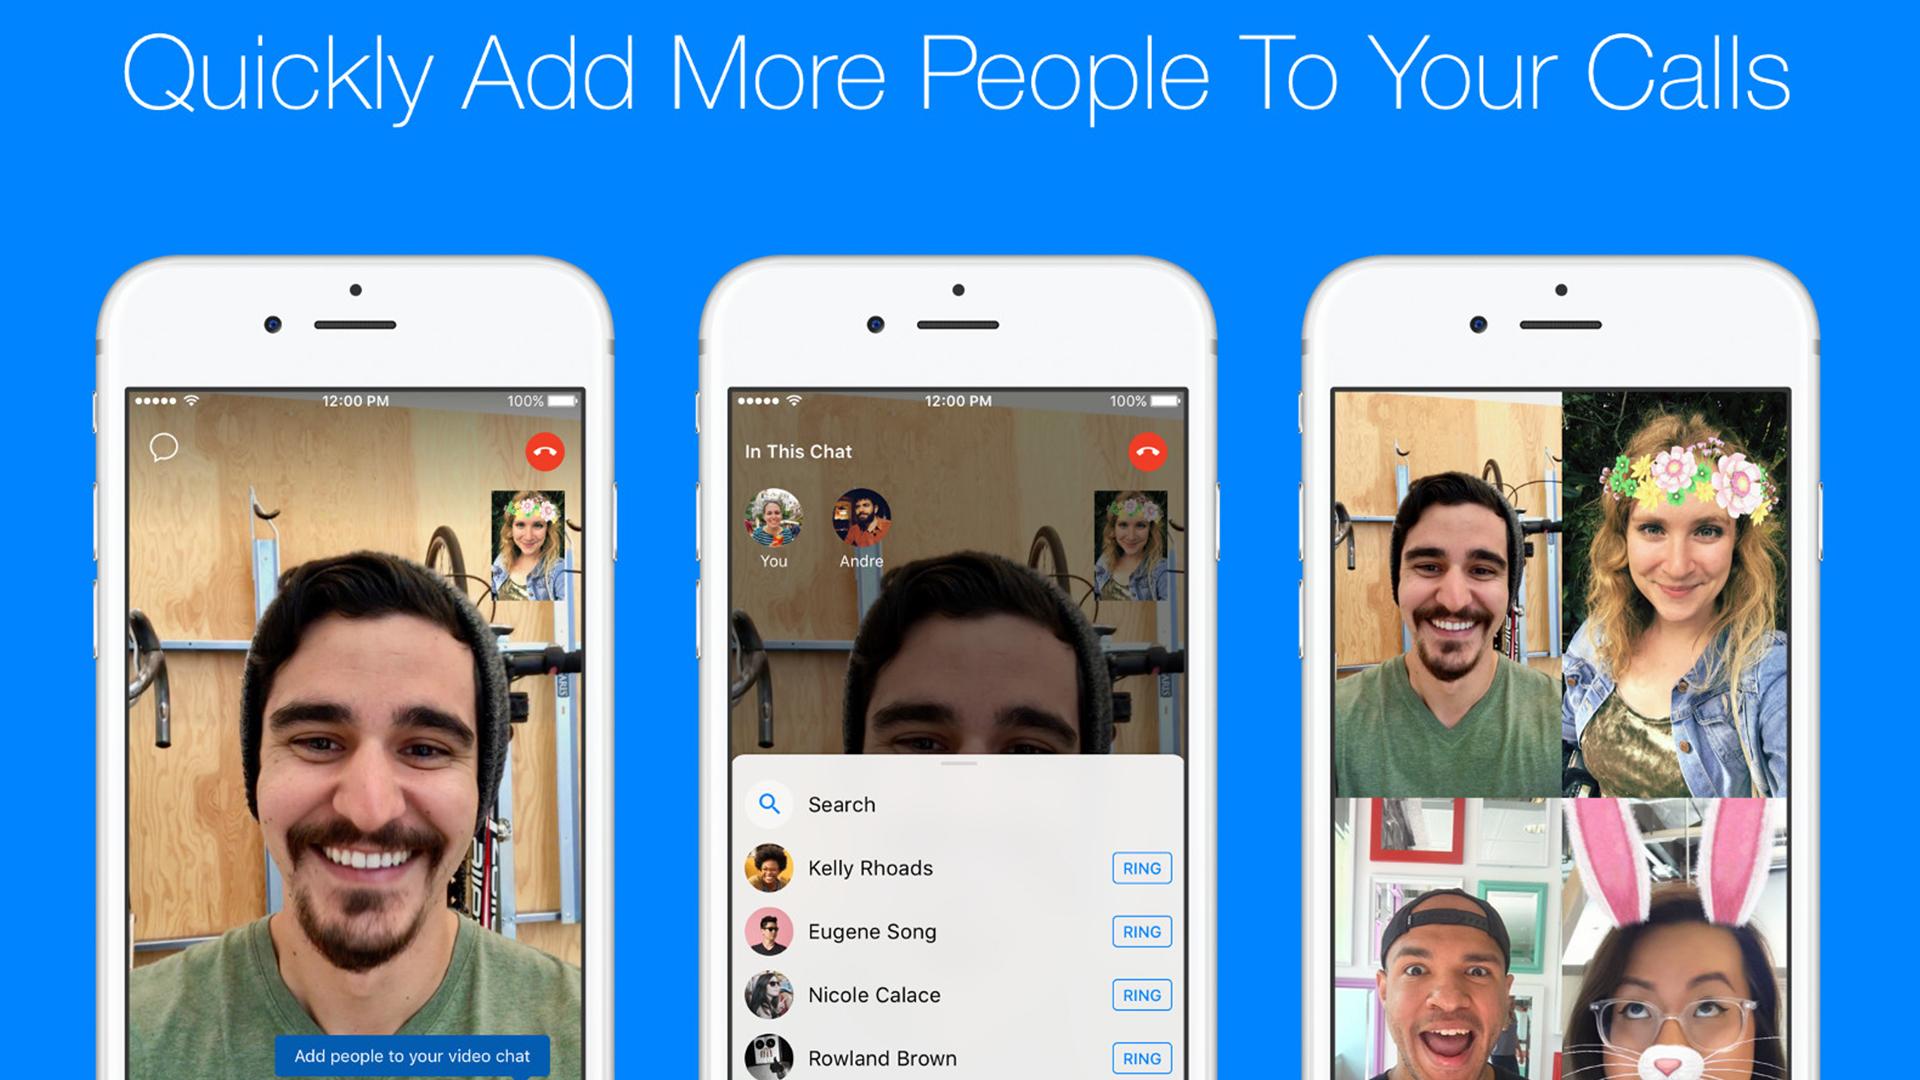 Facebook Messenger เพิ่มคนในวิดีโอคอลได้ระหว่างคุยได้แล้ว!